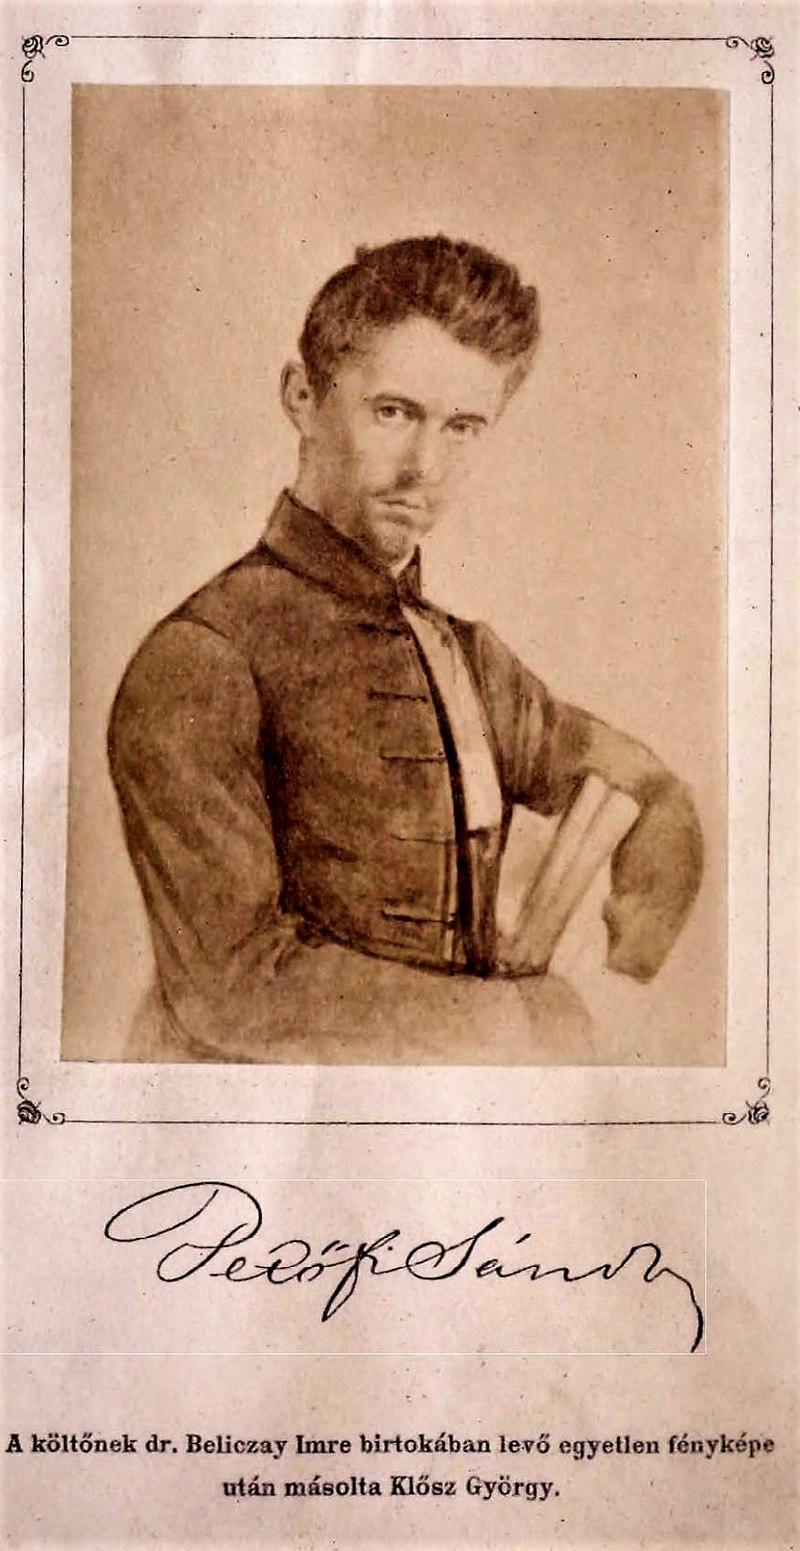 Fotó: Klösz reprodukcióját a Petőfi Társaság közlönyében, a Koszoru 1879. évi 1. számában közölték le a 4. oldalon, Kertbeny Károly Petőfi arcképeiről című írásának illusztrációjaként (forrás: wikipedia)